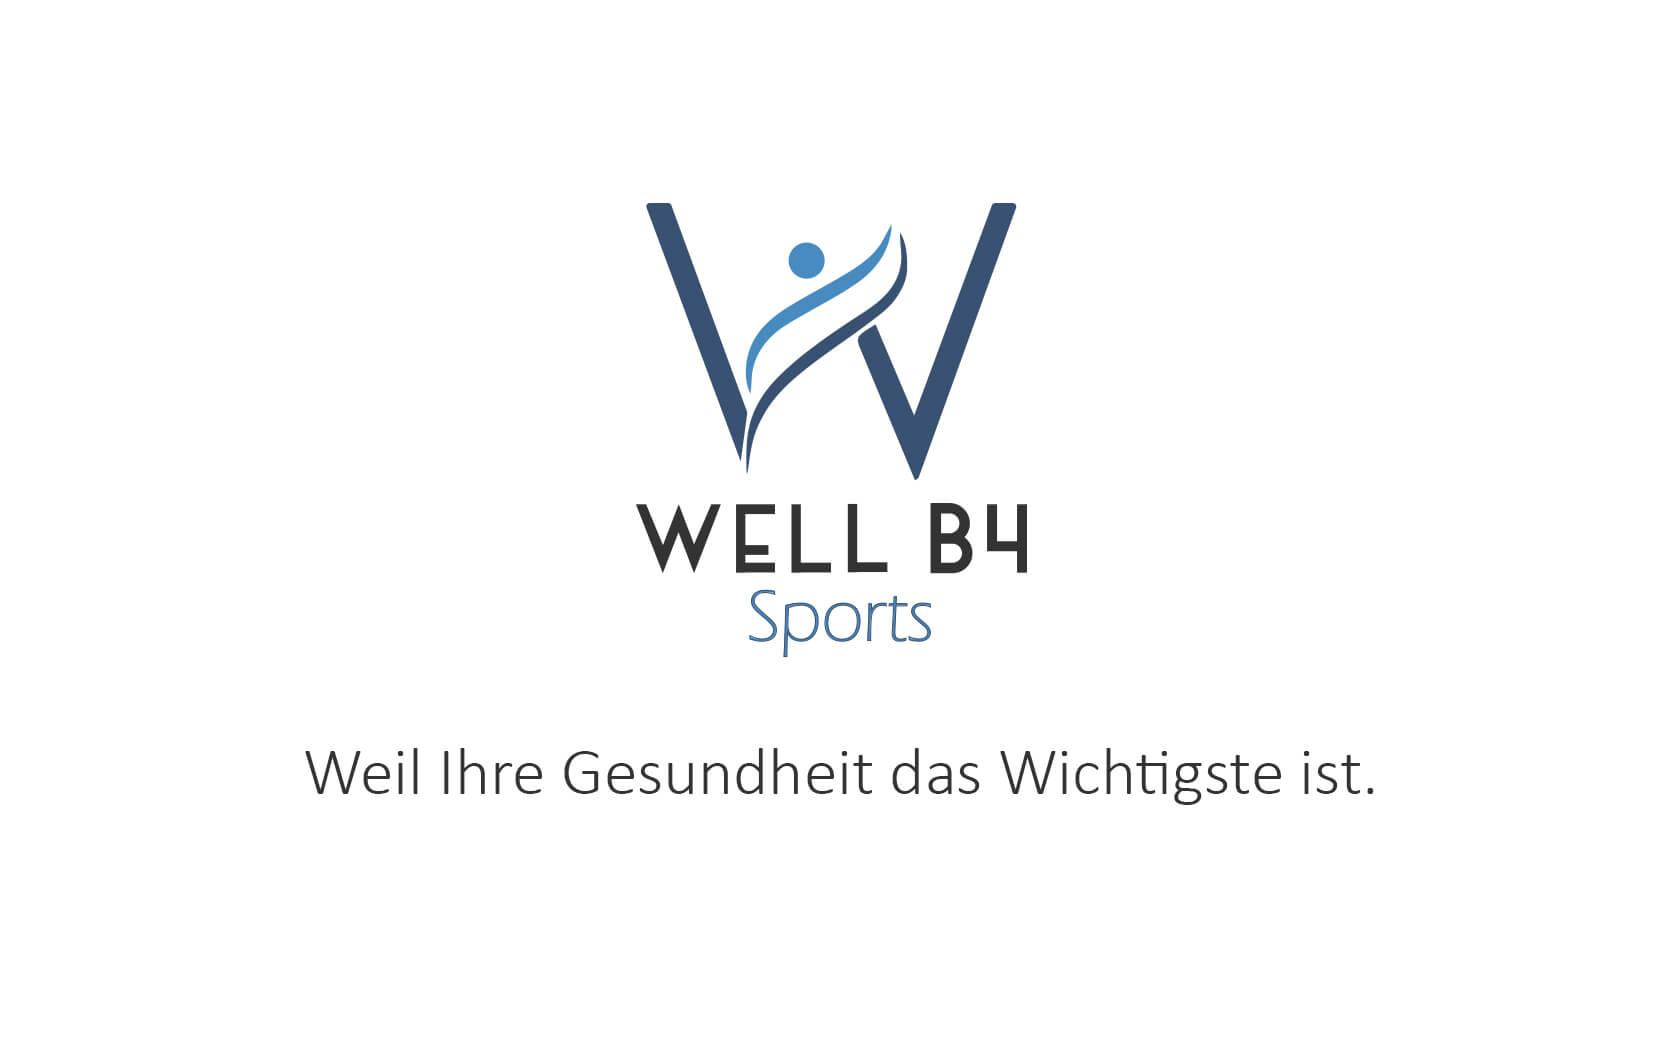 Well B4 Sports Gesundheit